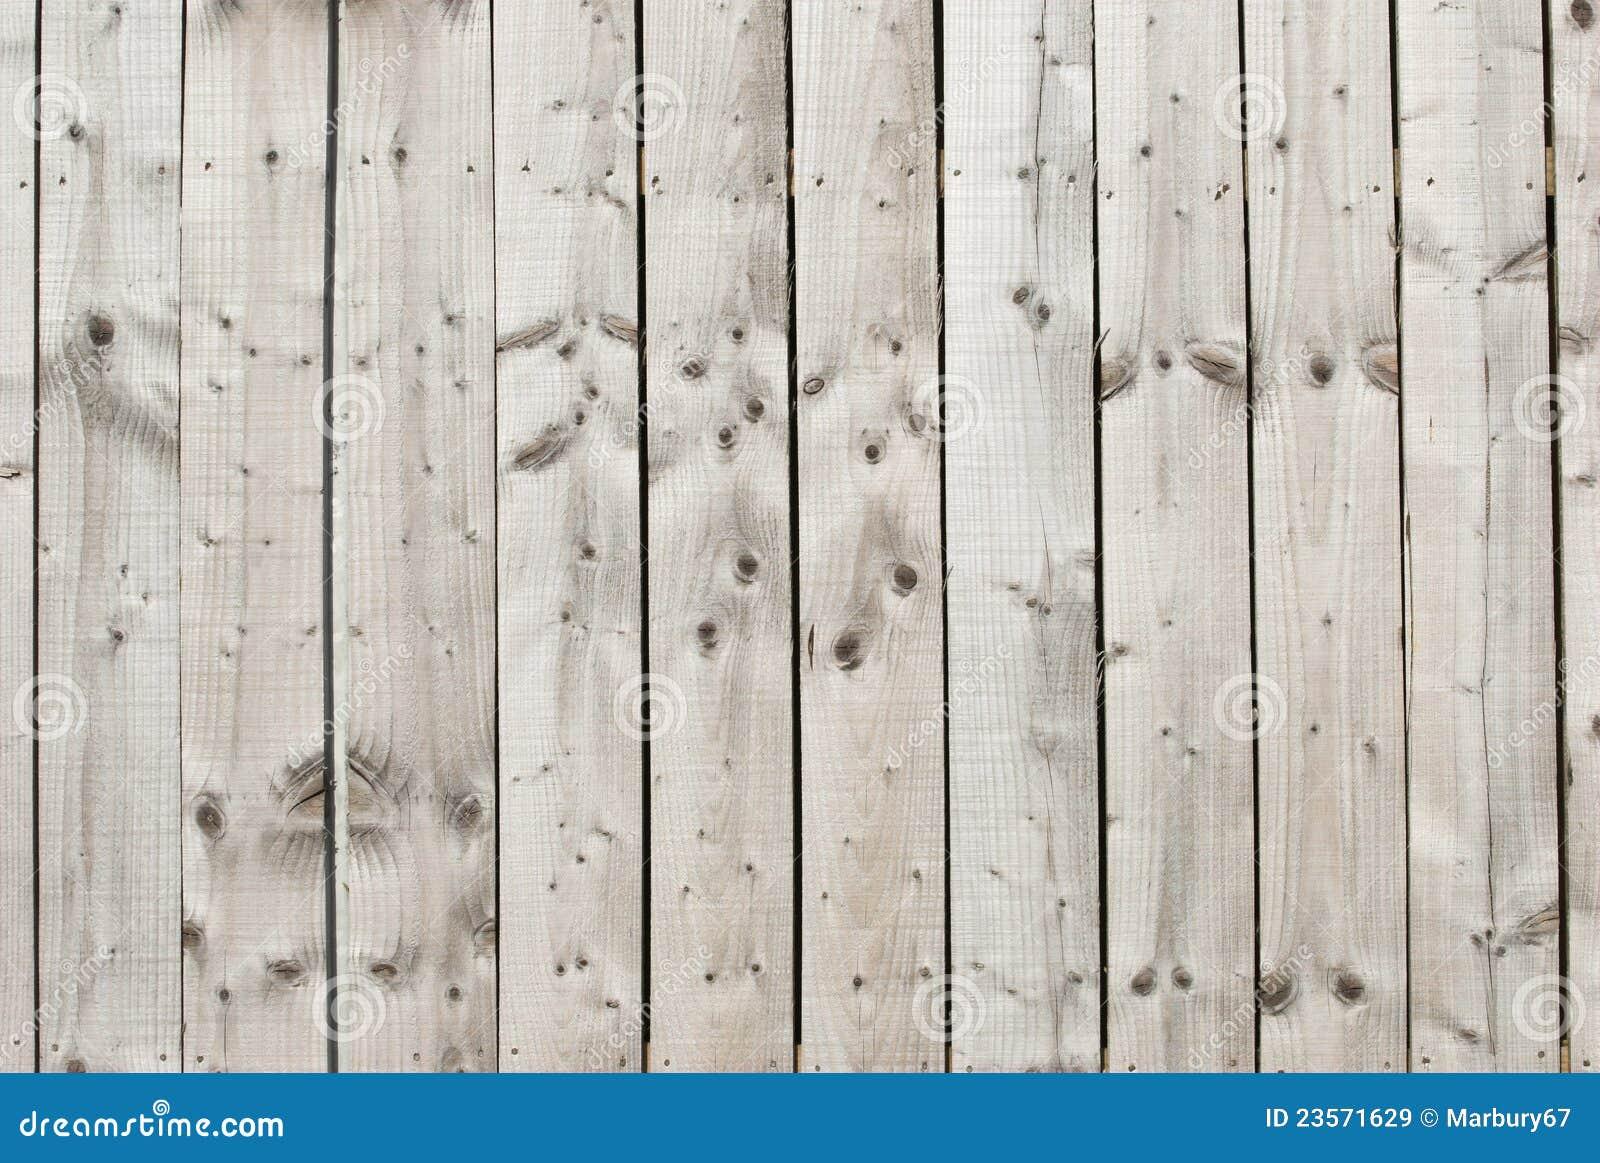 de madeira rustica para jardimCerca De Madeira Do Jardim Imagens de